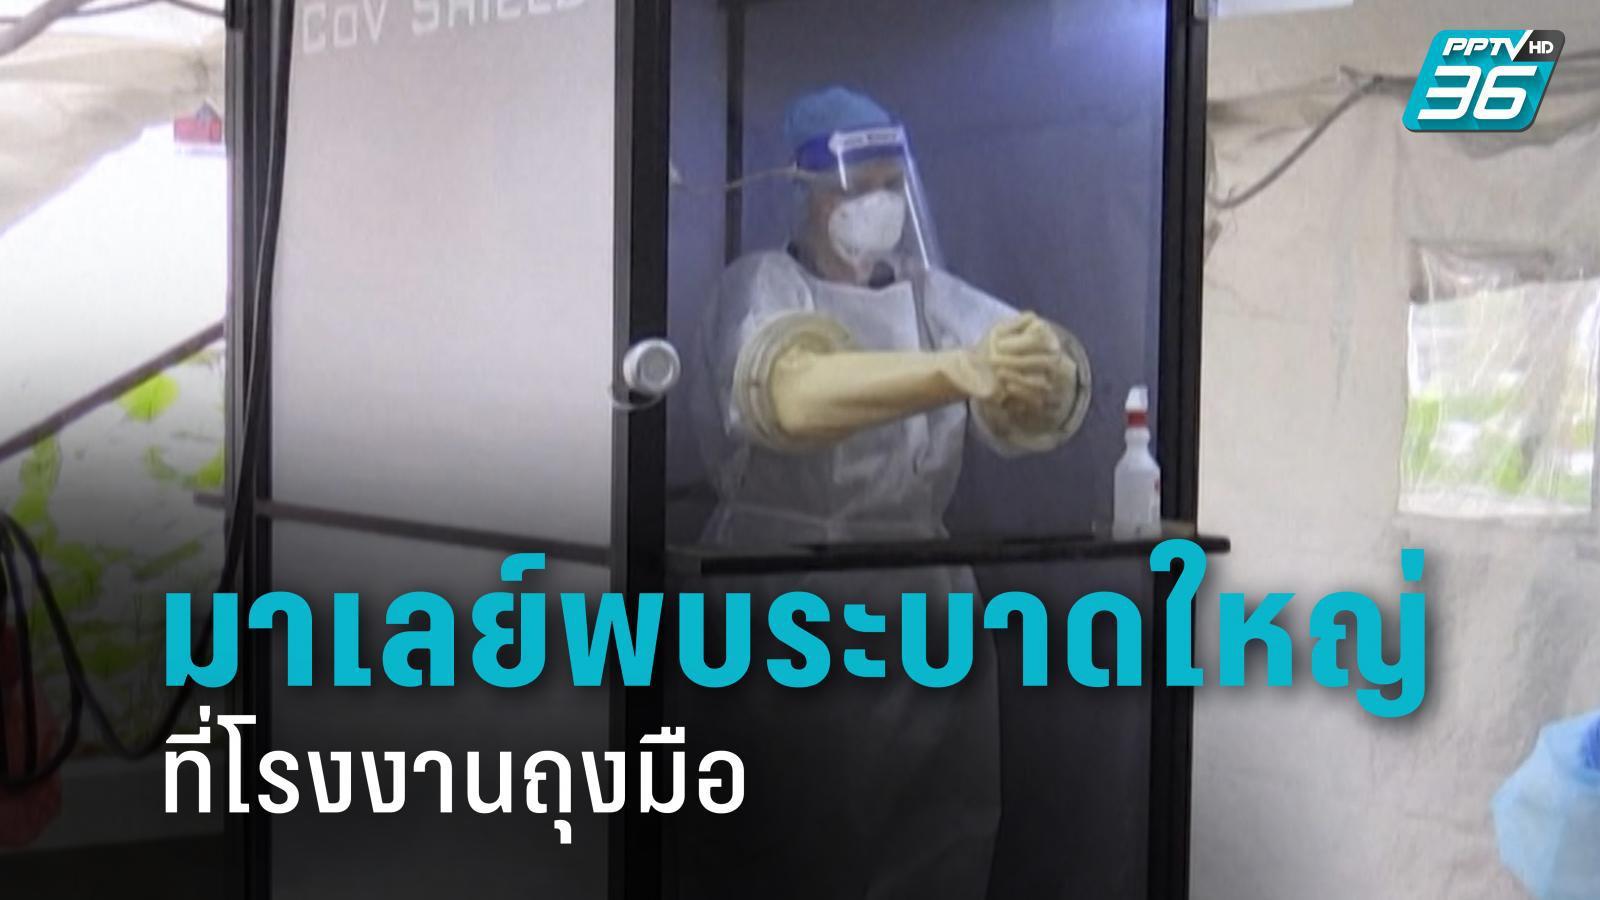 มาเลเซีย พบ โควิด-19 ระบาดใหญ่ 5,000 ราย ที่โรงงานถุงมือ